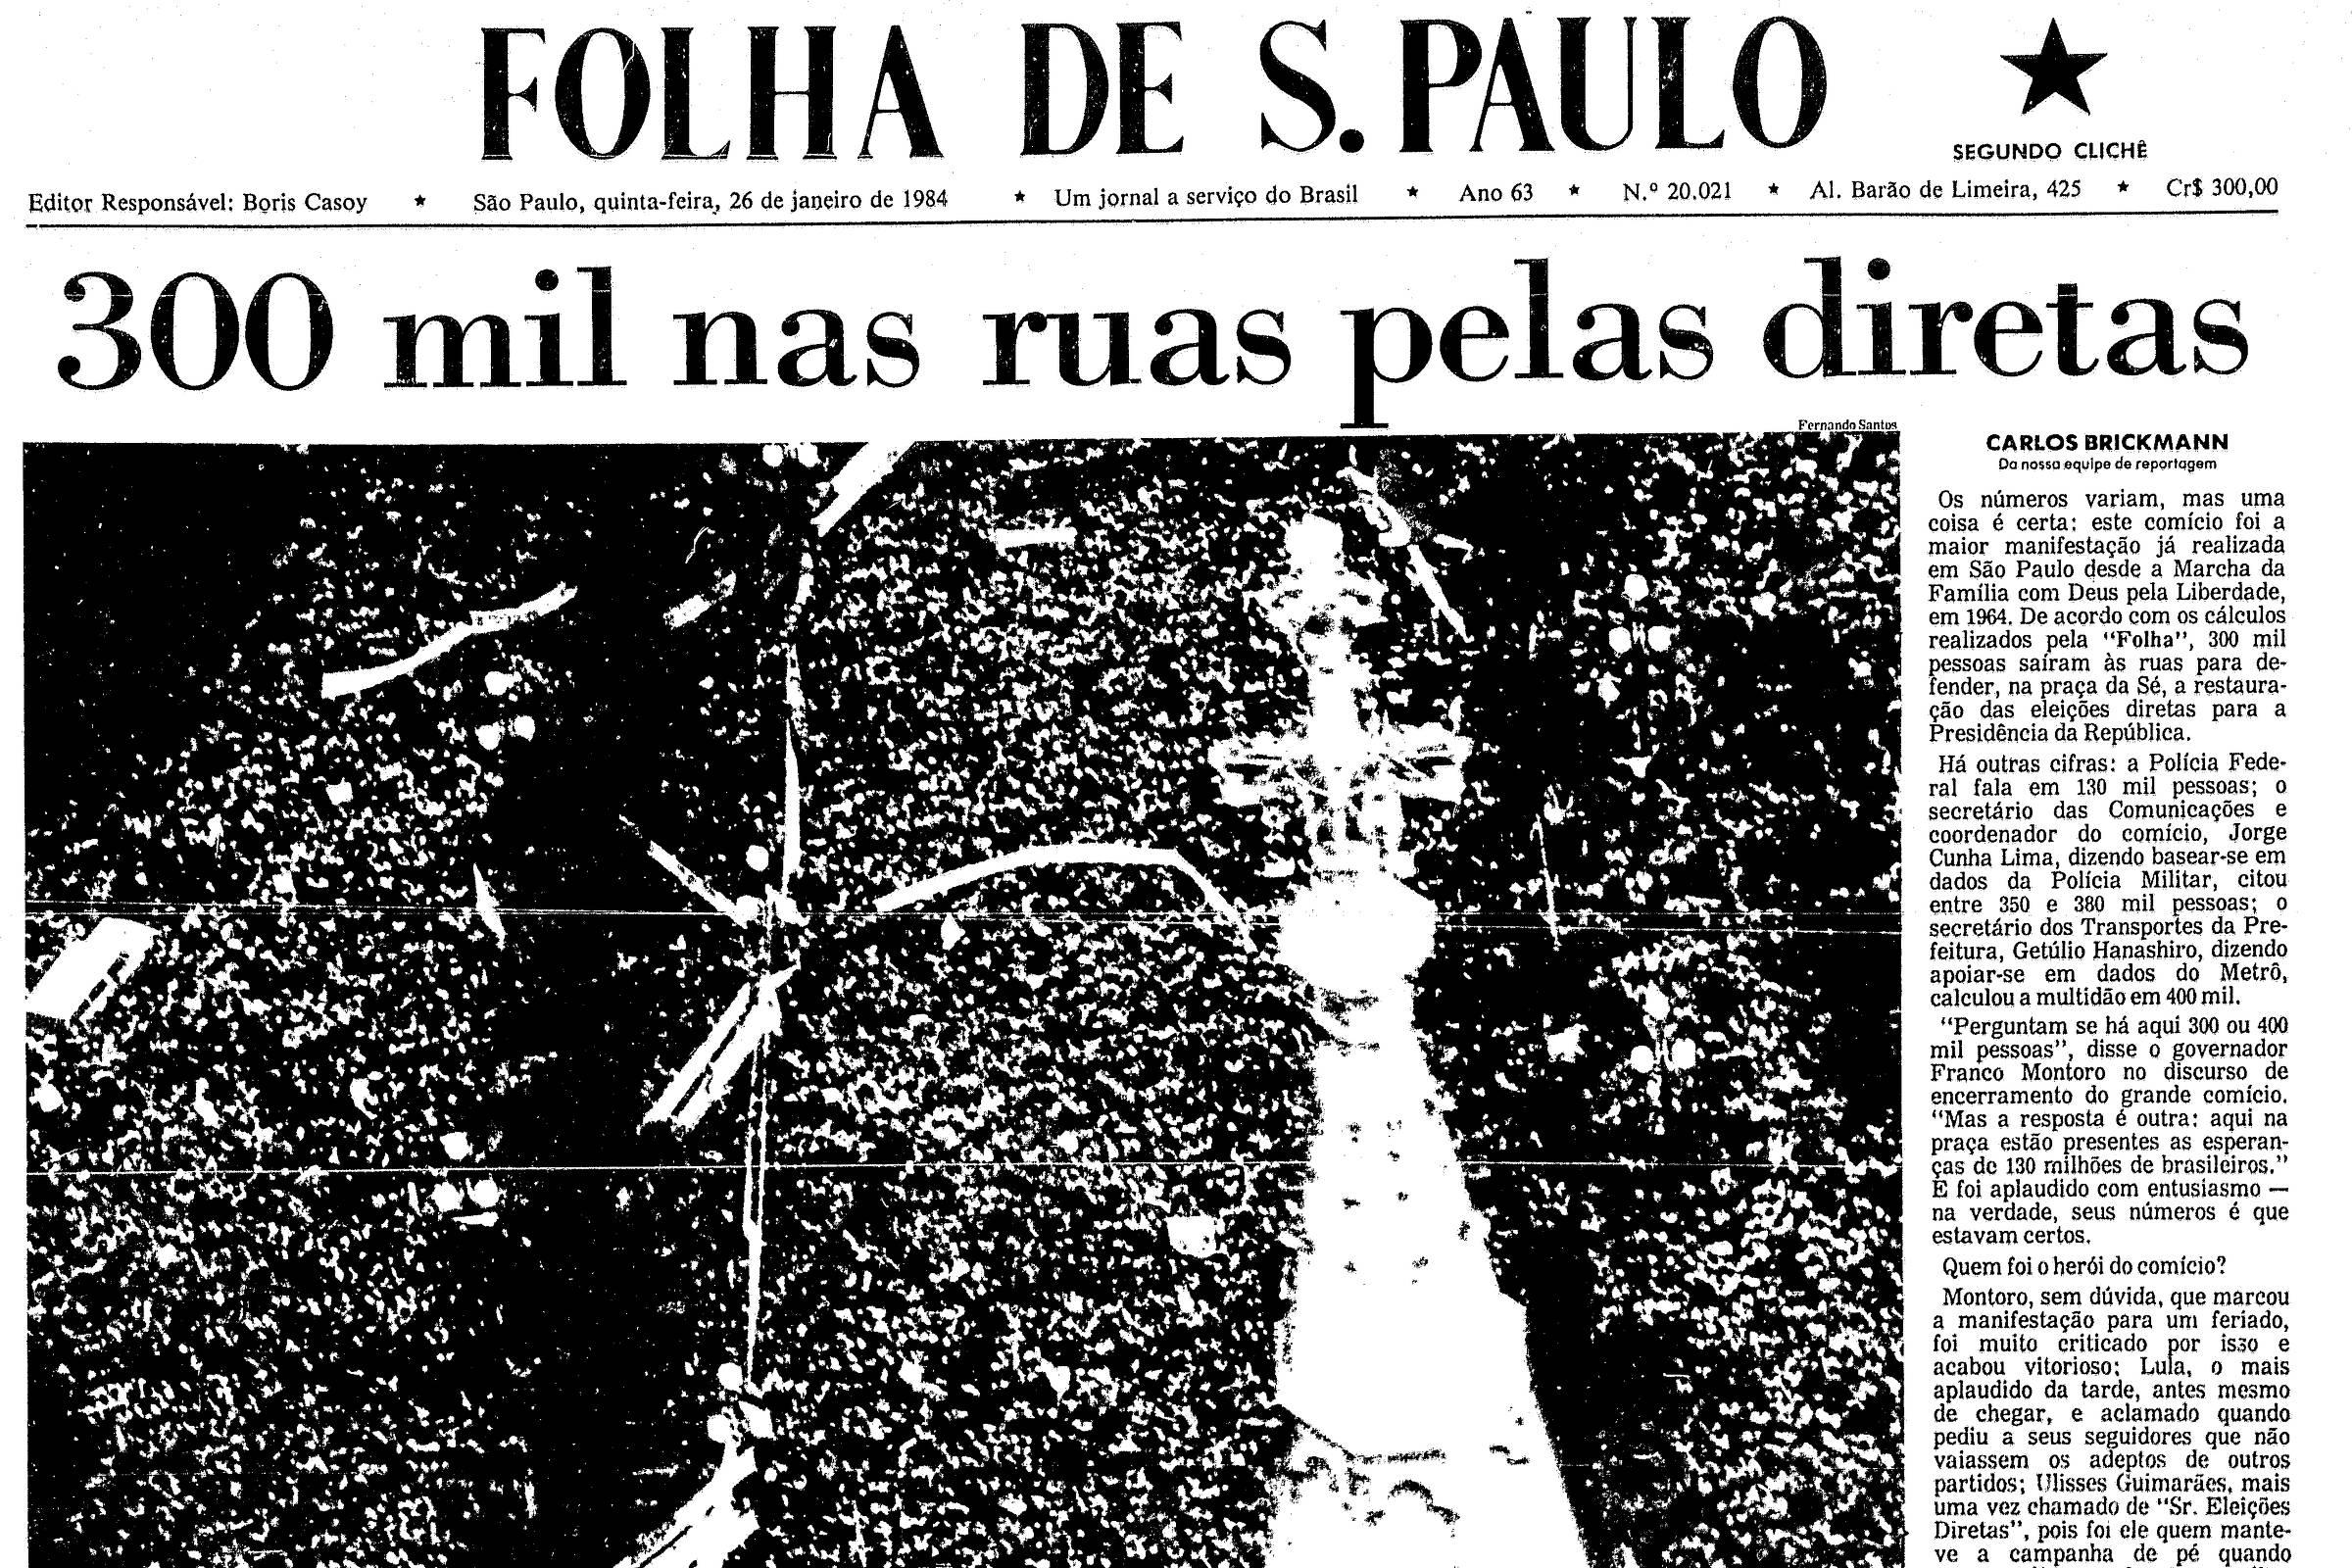 Capa histórica da Folha de S.Paulo durante a campanha por eleições diretas no Brasil. Crédito: reprodução.